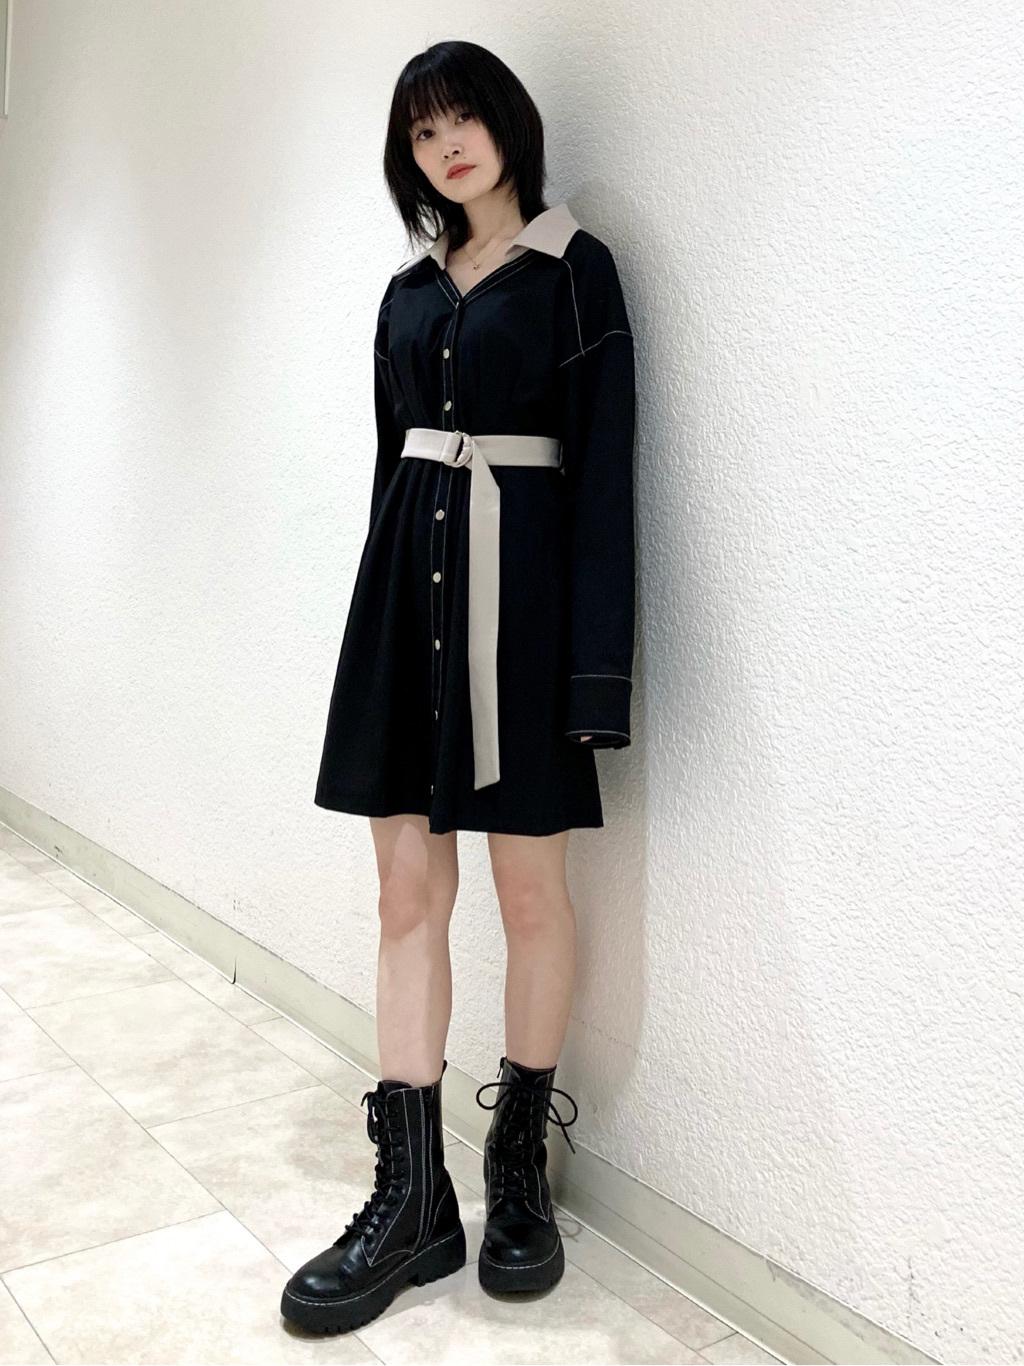 沢田瑛季菜